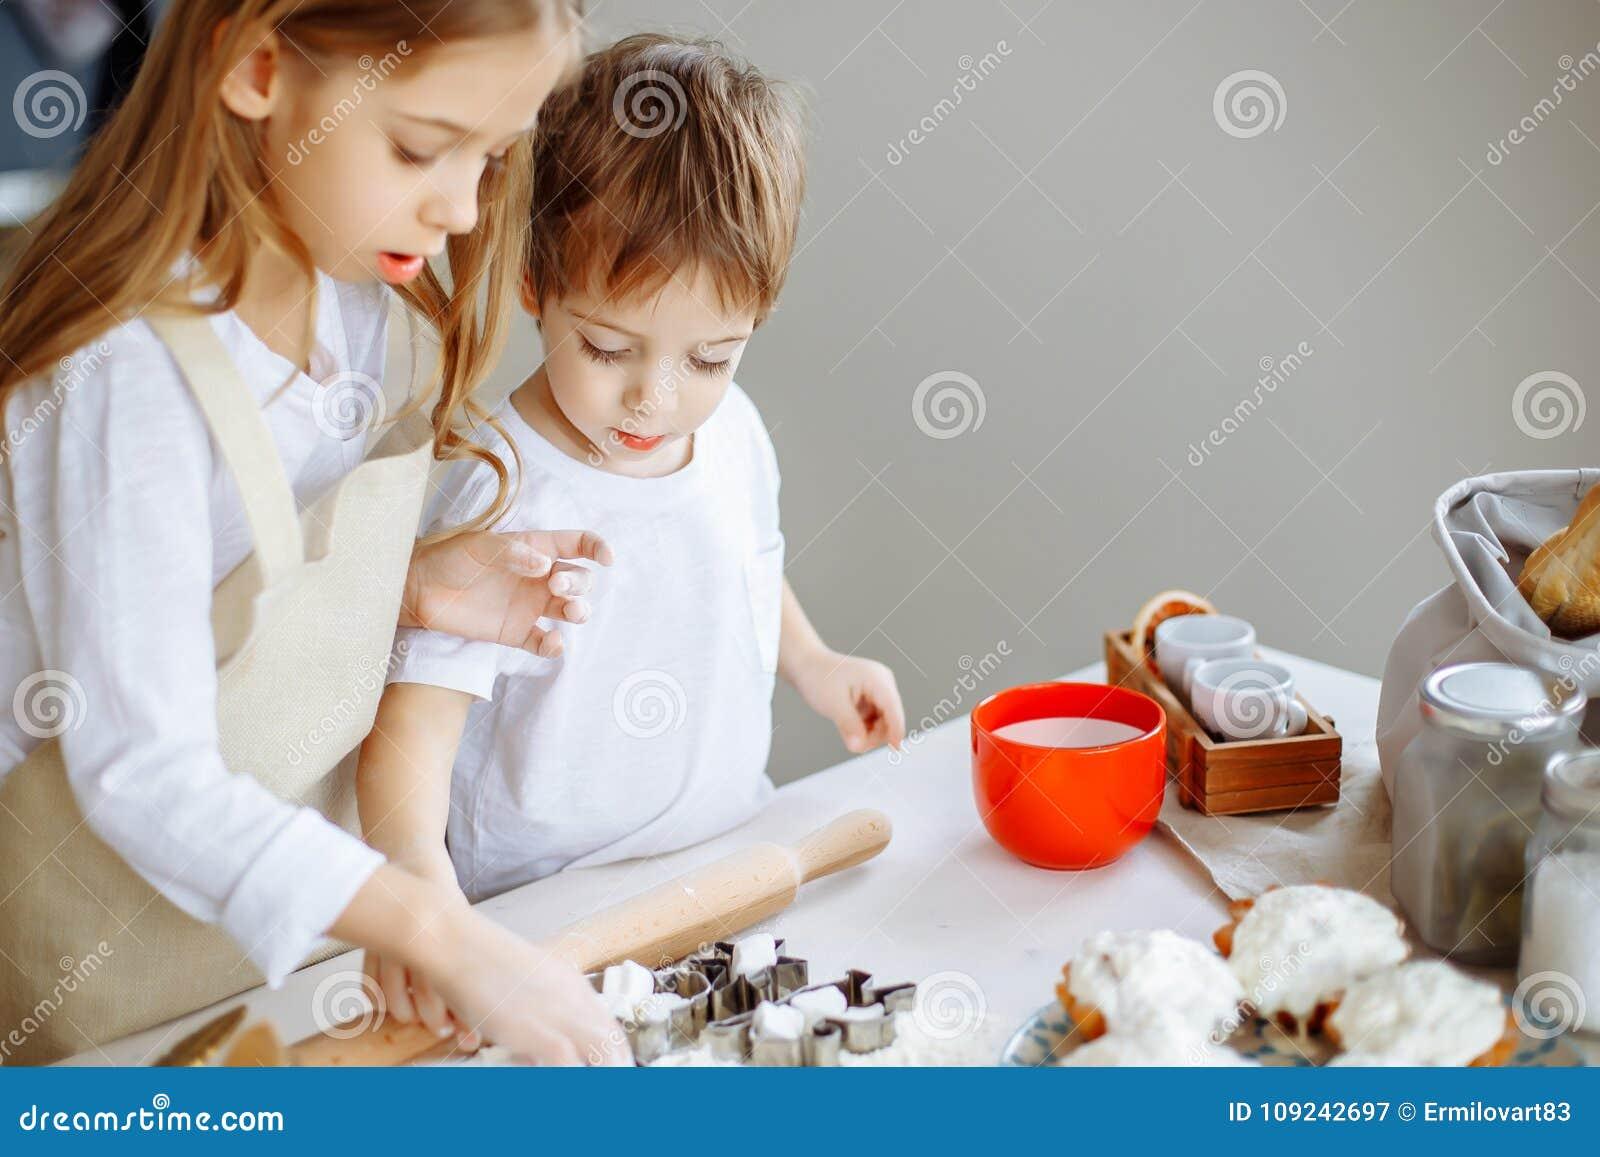 愉快的家庭滑稽的孩子在厨房里准备面团,烘烤曲奇饼